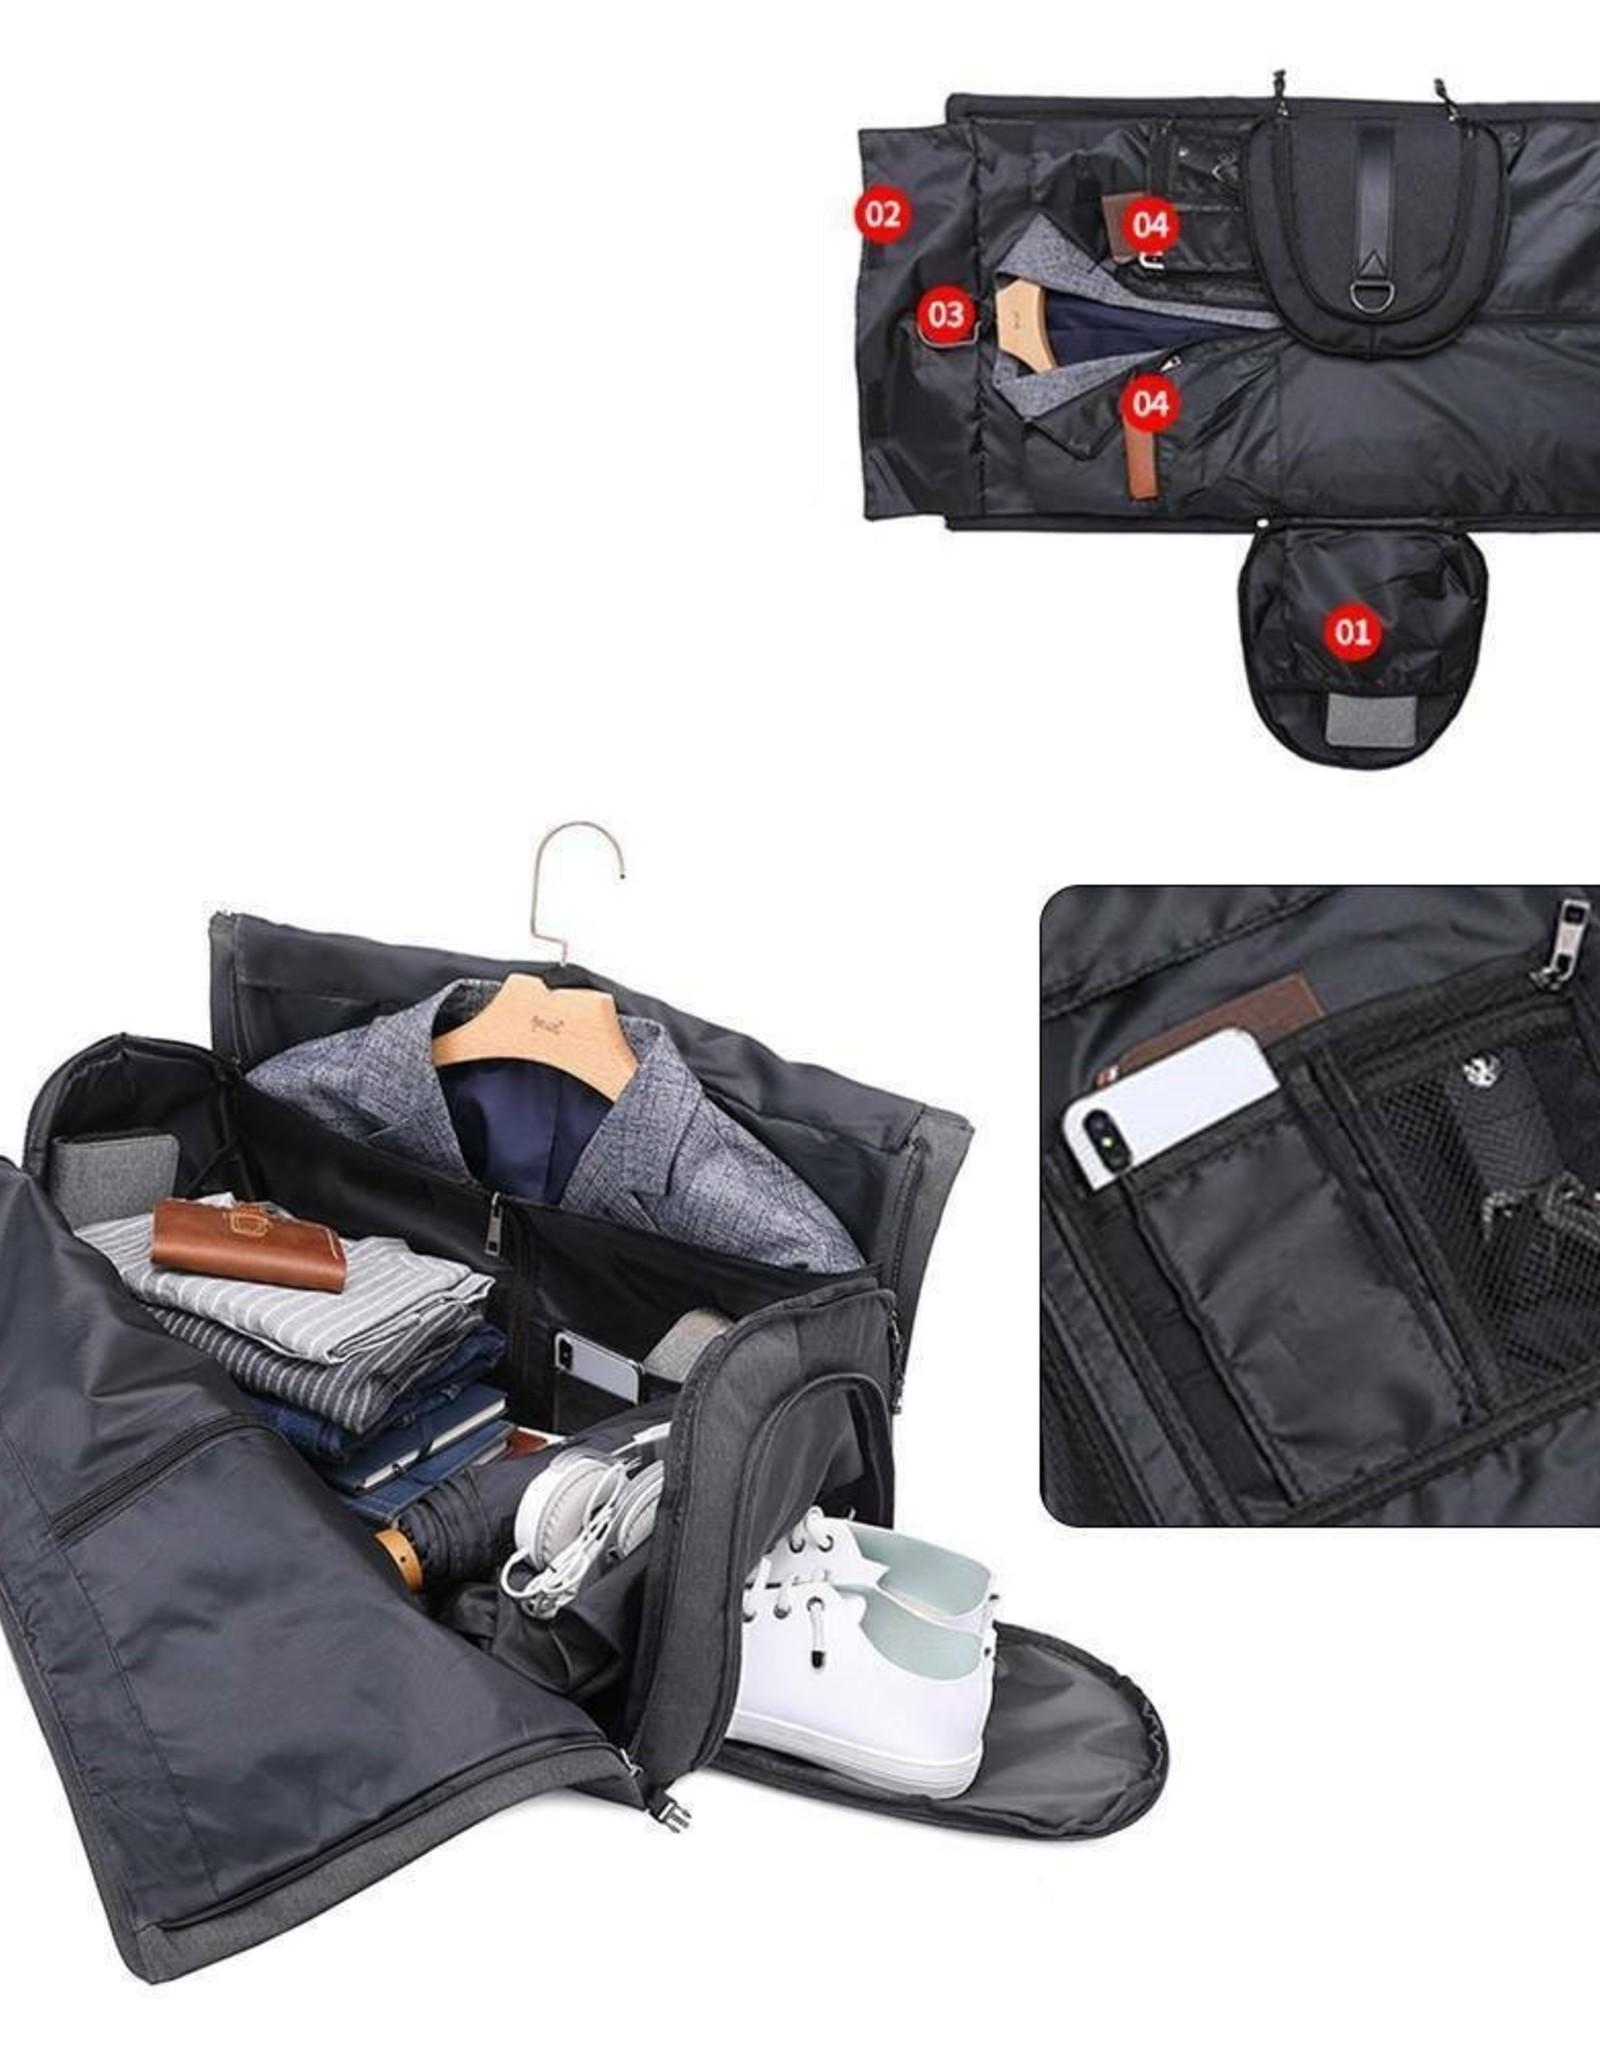 Reistas met kledinghoes en schoenenvak